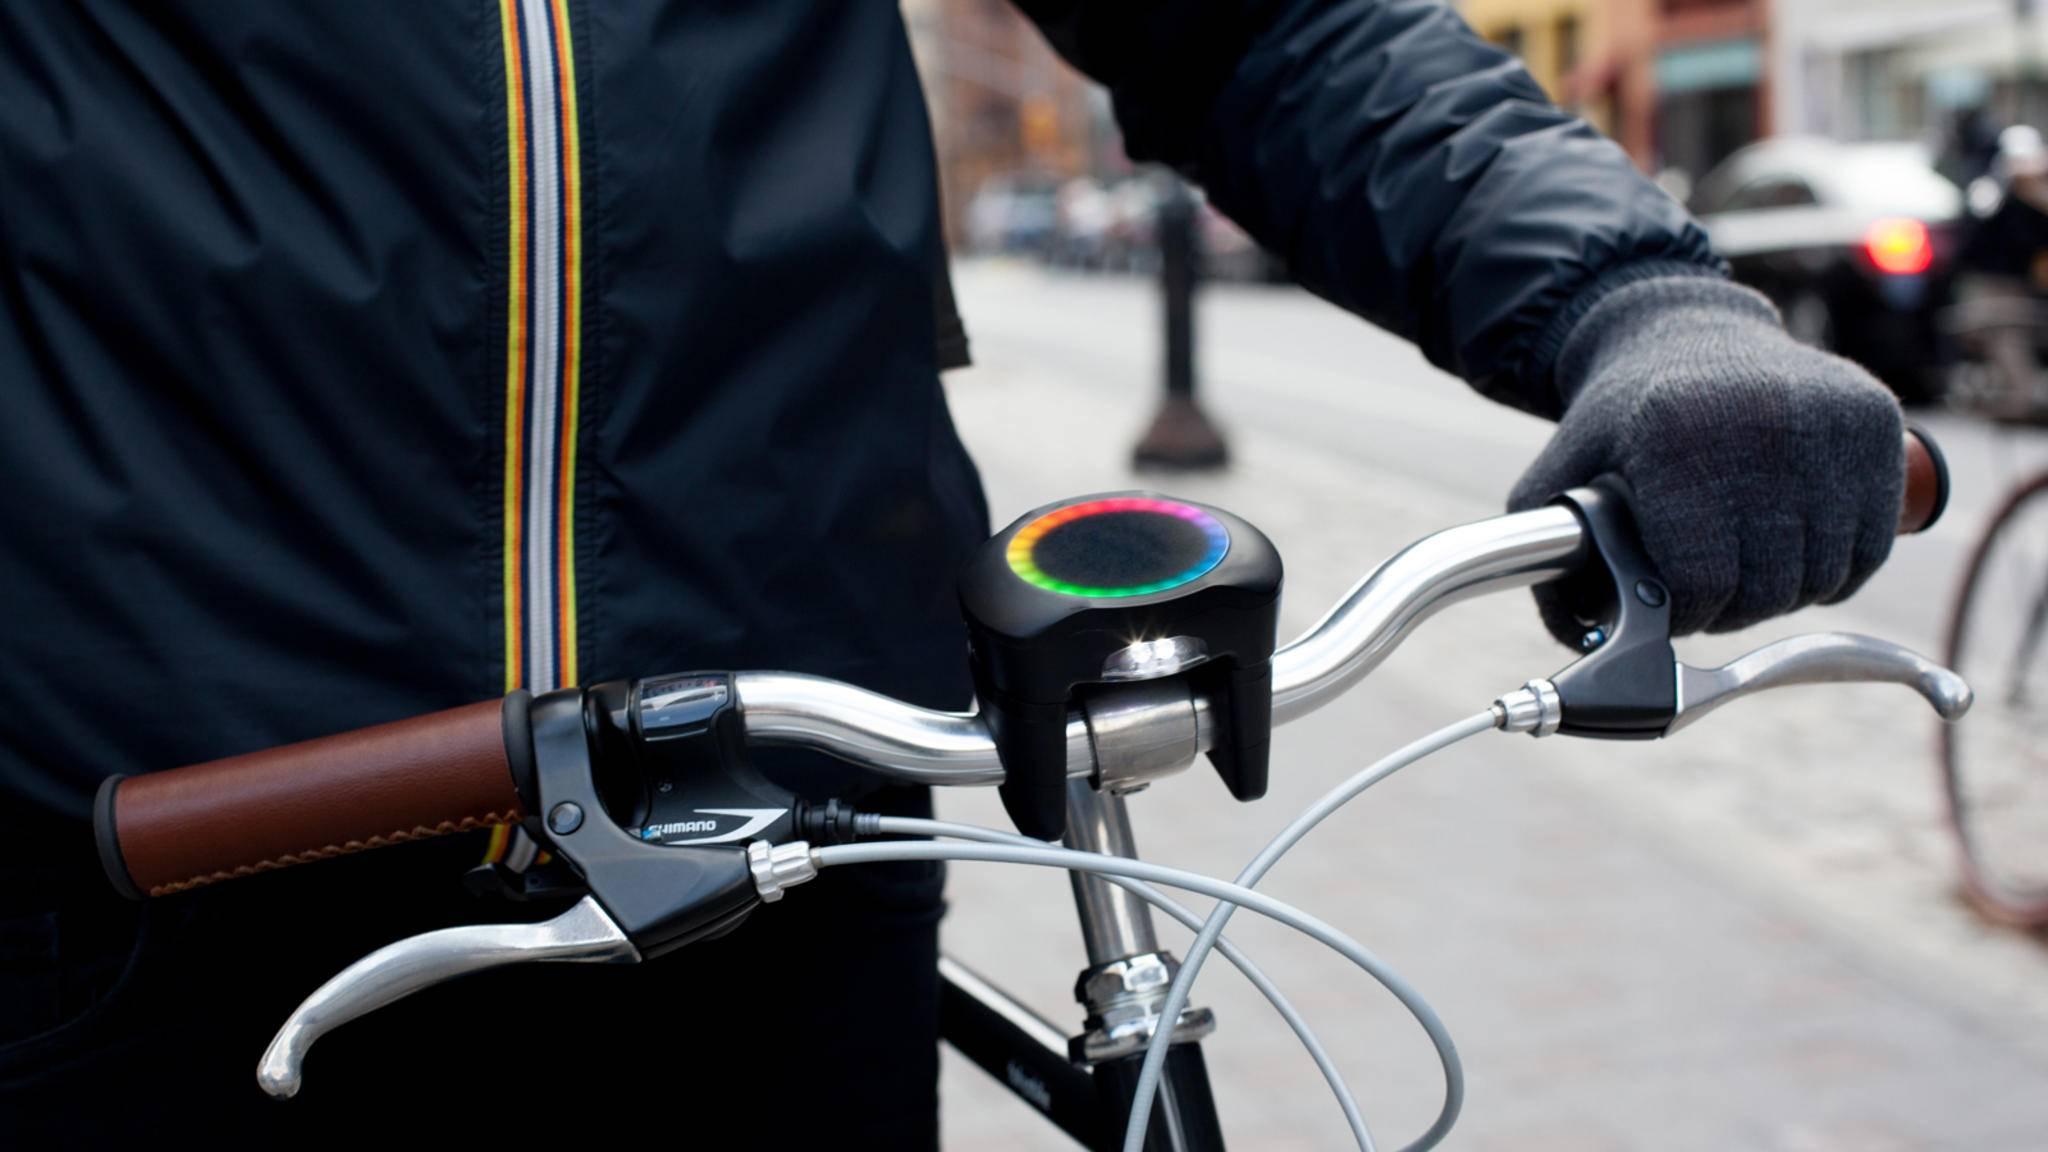 Ein ganz normales Fahrrad verwandelt sich dank SmartHalo in ein smartes Bike.